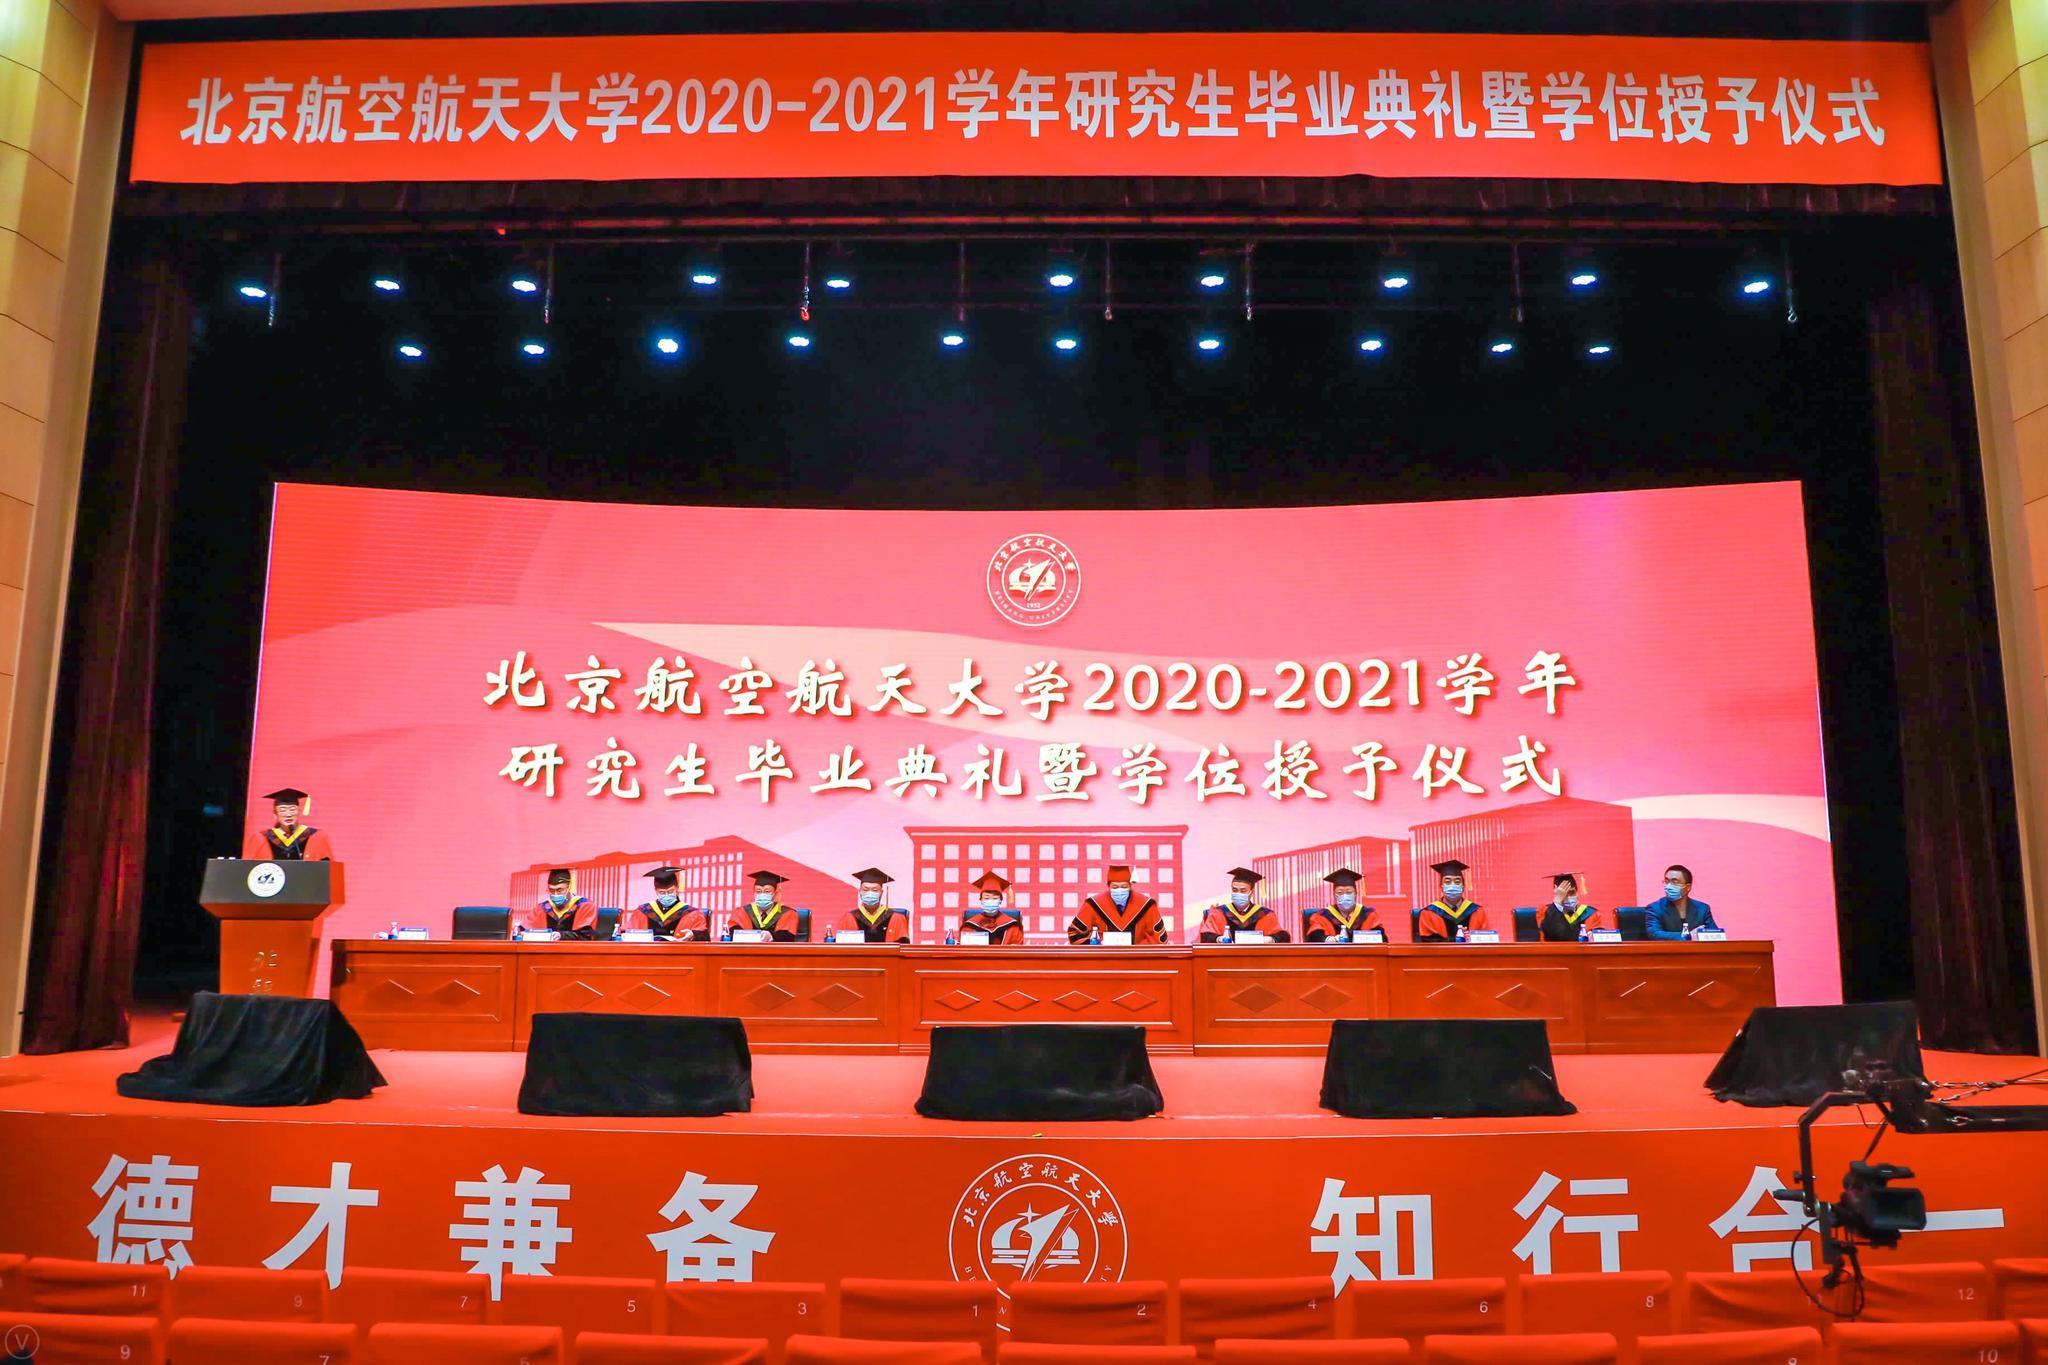 北航举行2020-2021学年研究生毕业典礼暨学位授予仪式